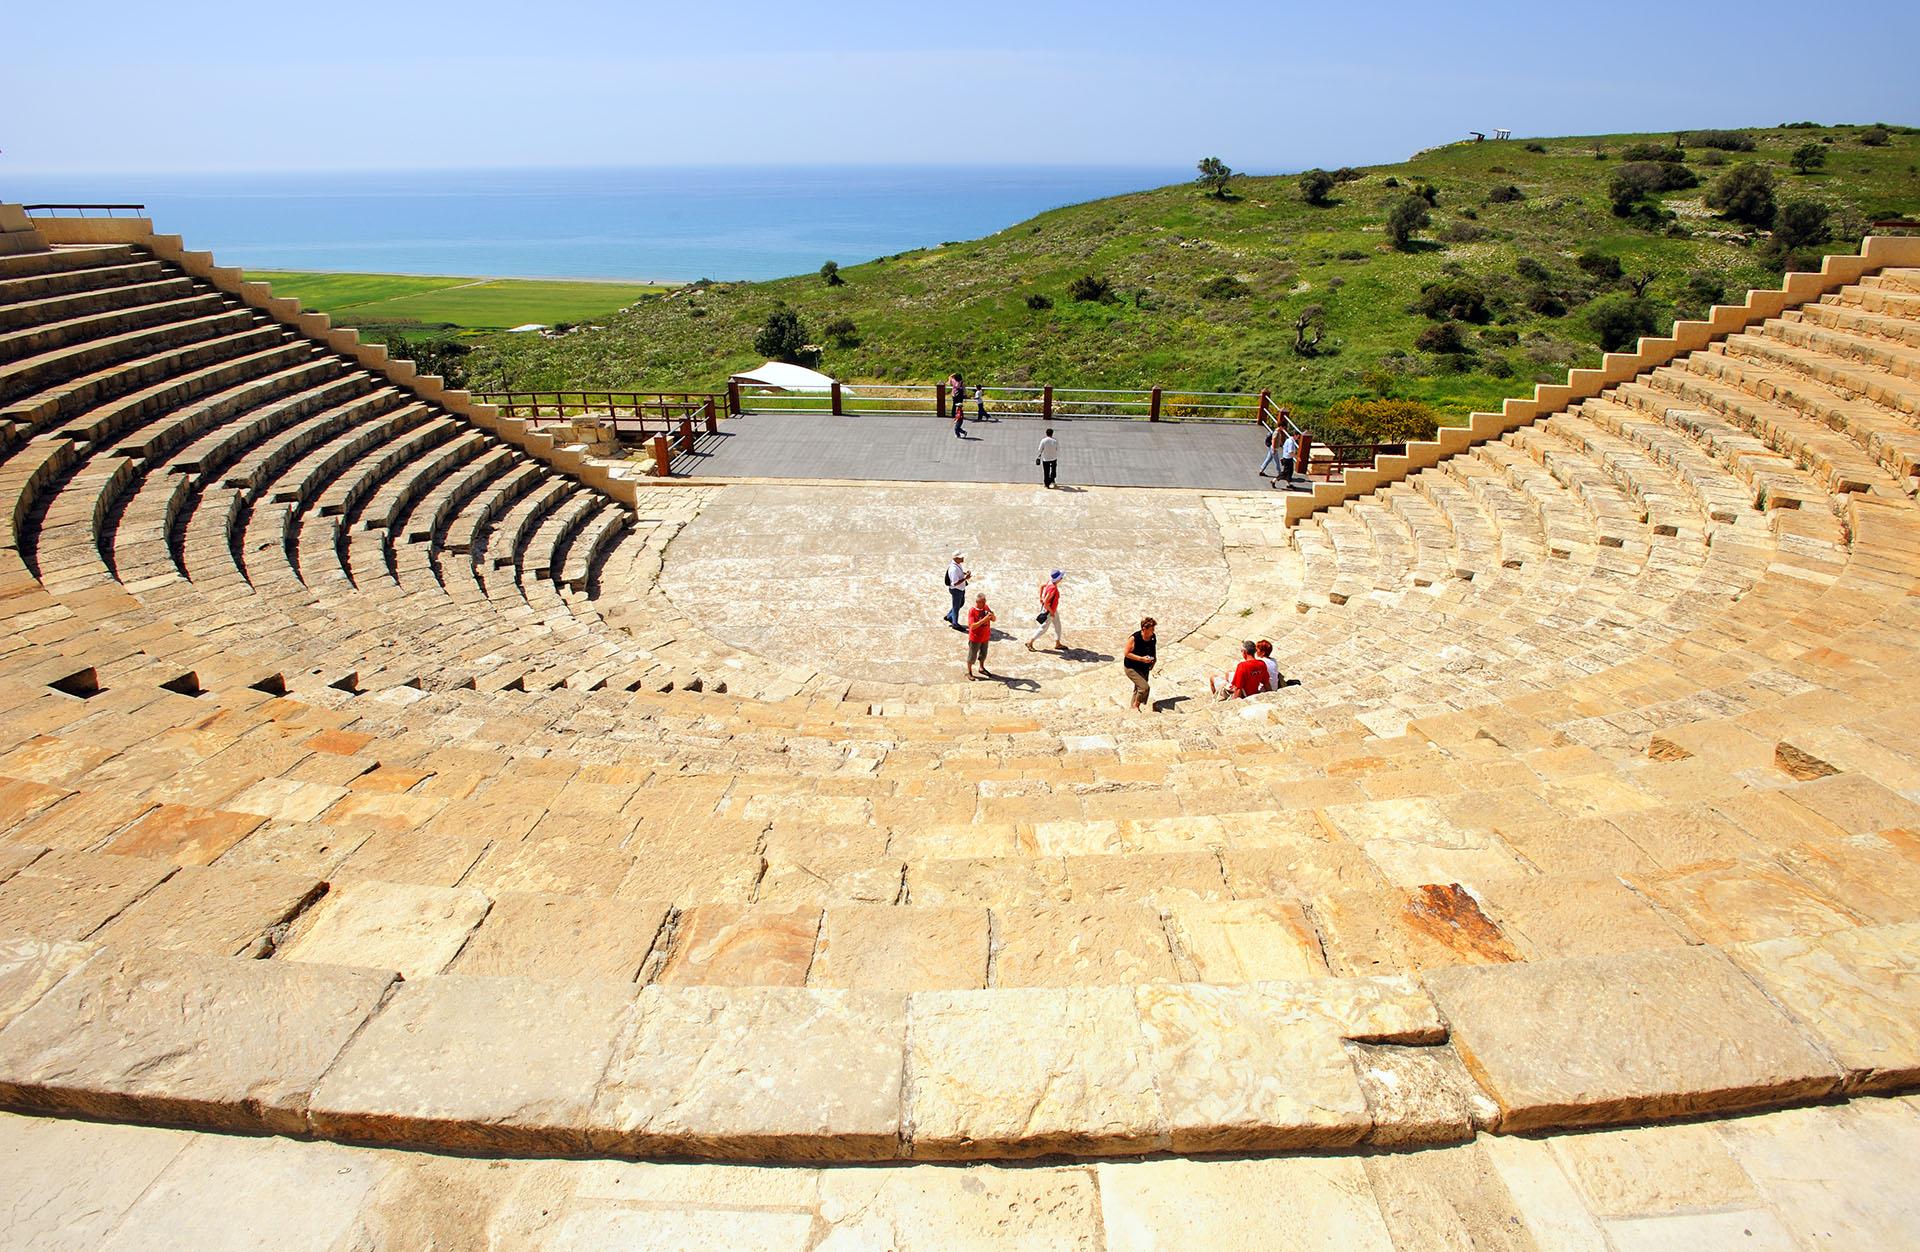 Кипр:  легендарный остров любви Кипр:  легендарный остров любви tild3232 3135 4665 a131 306665666162  kourion theatre 2  l